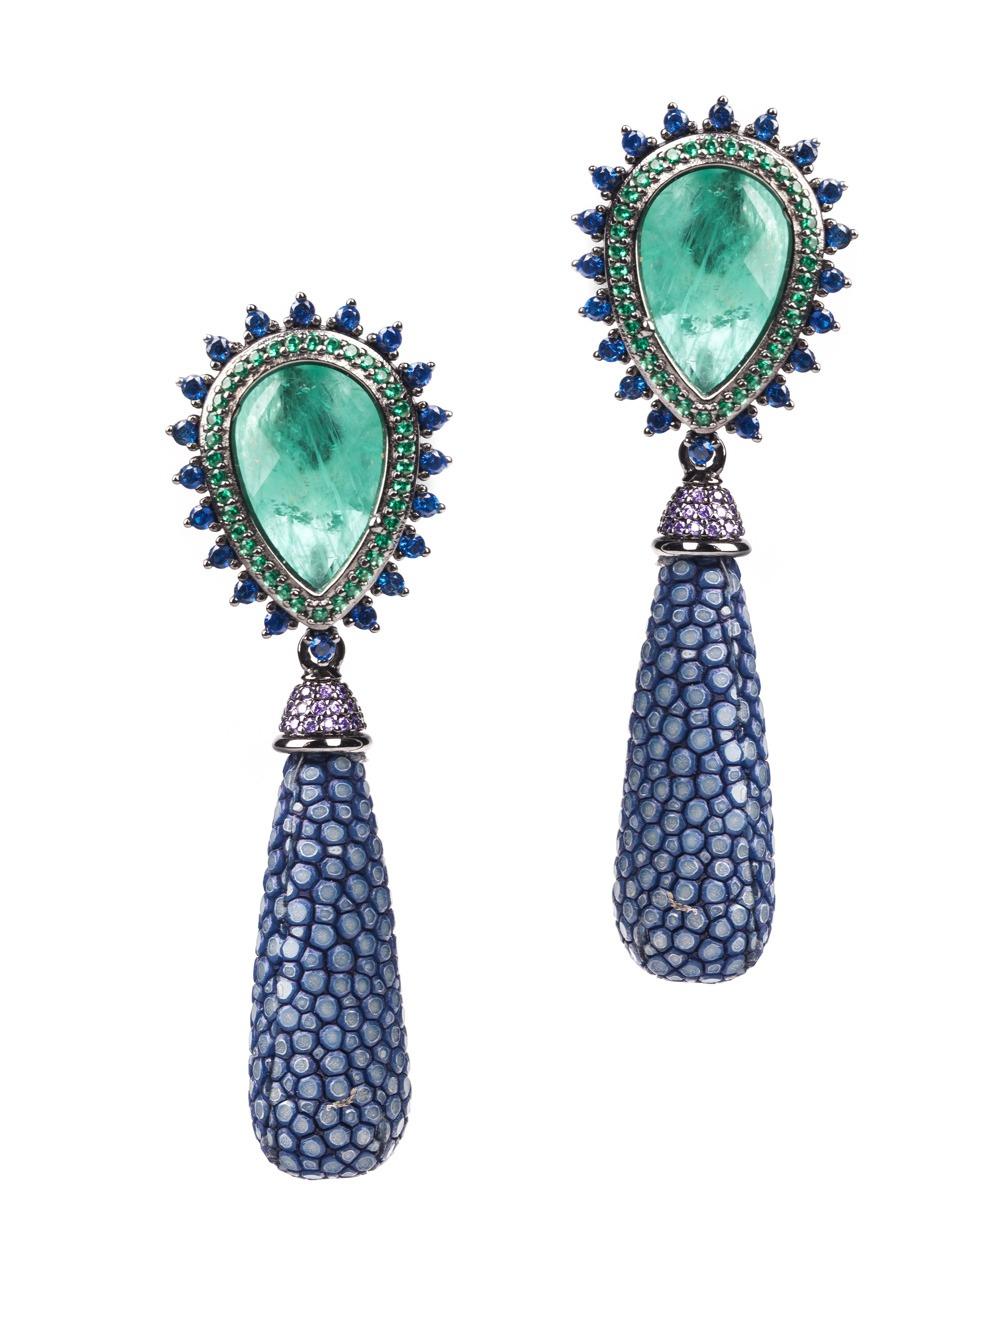 Brinco de prata com ródio negro. Brinco com Goulash verde, azul e com esmeraldas e safiras.